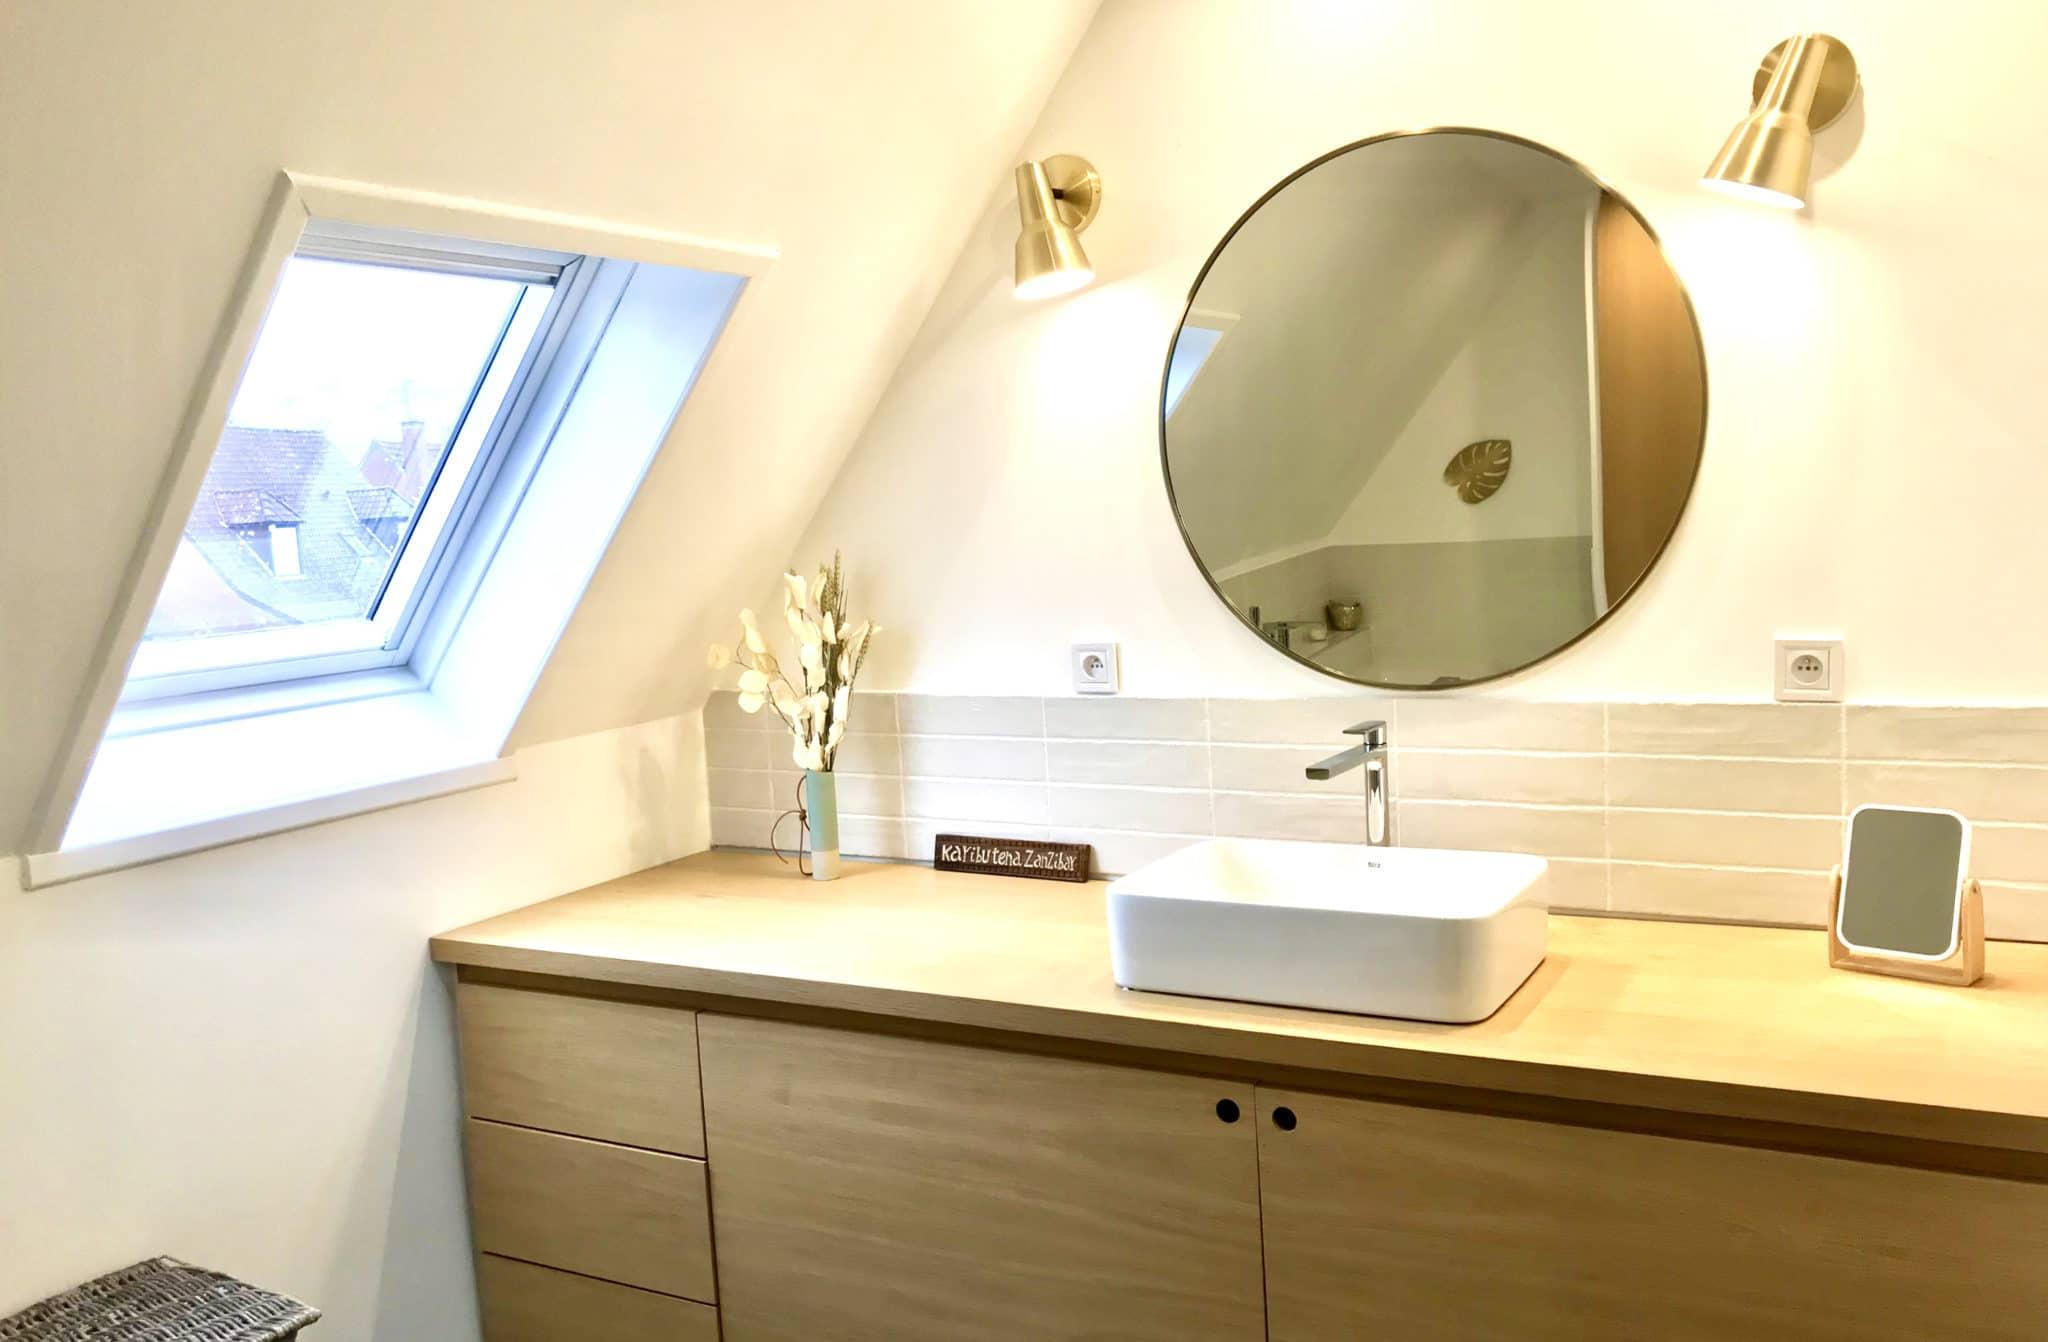 salle de bain avec meuble vasque sur mesure, vasque posée et miroir doré